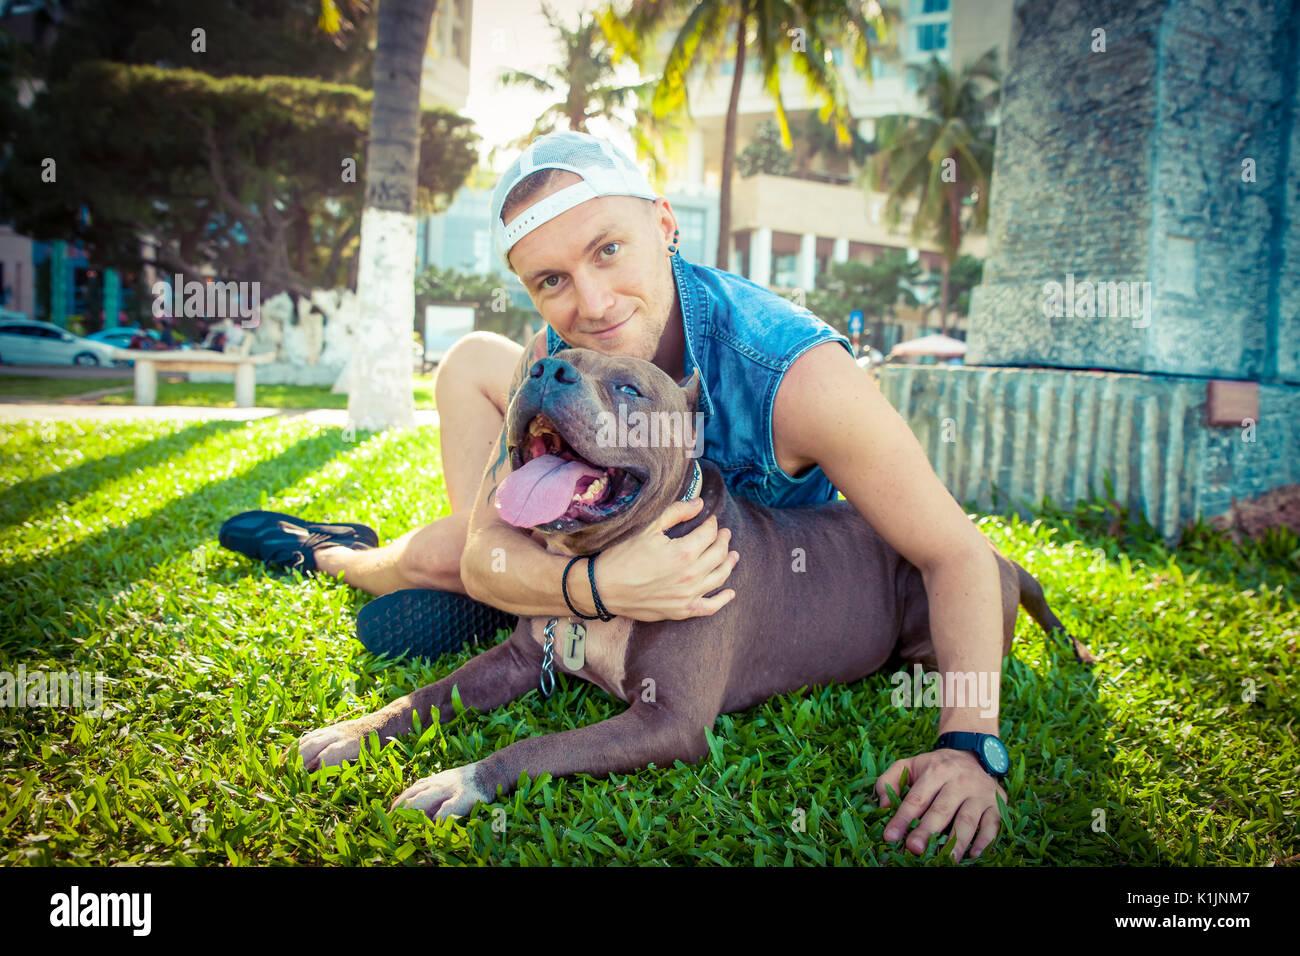 Mensch und Hund American Pit Bull Terrier Relaxen im Park umarmen und umarmt Stockbild